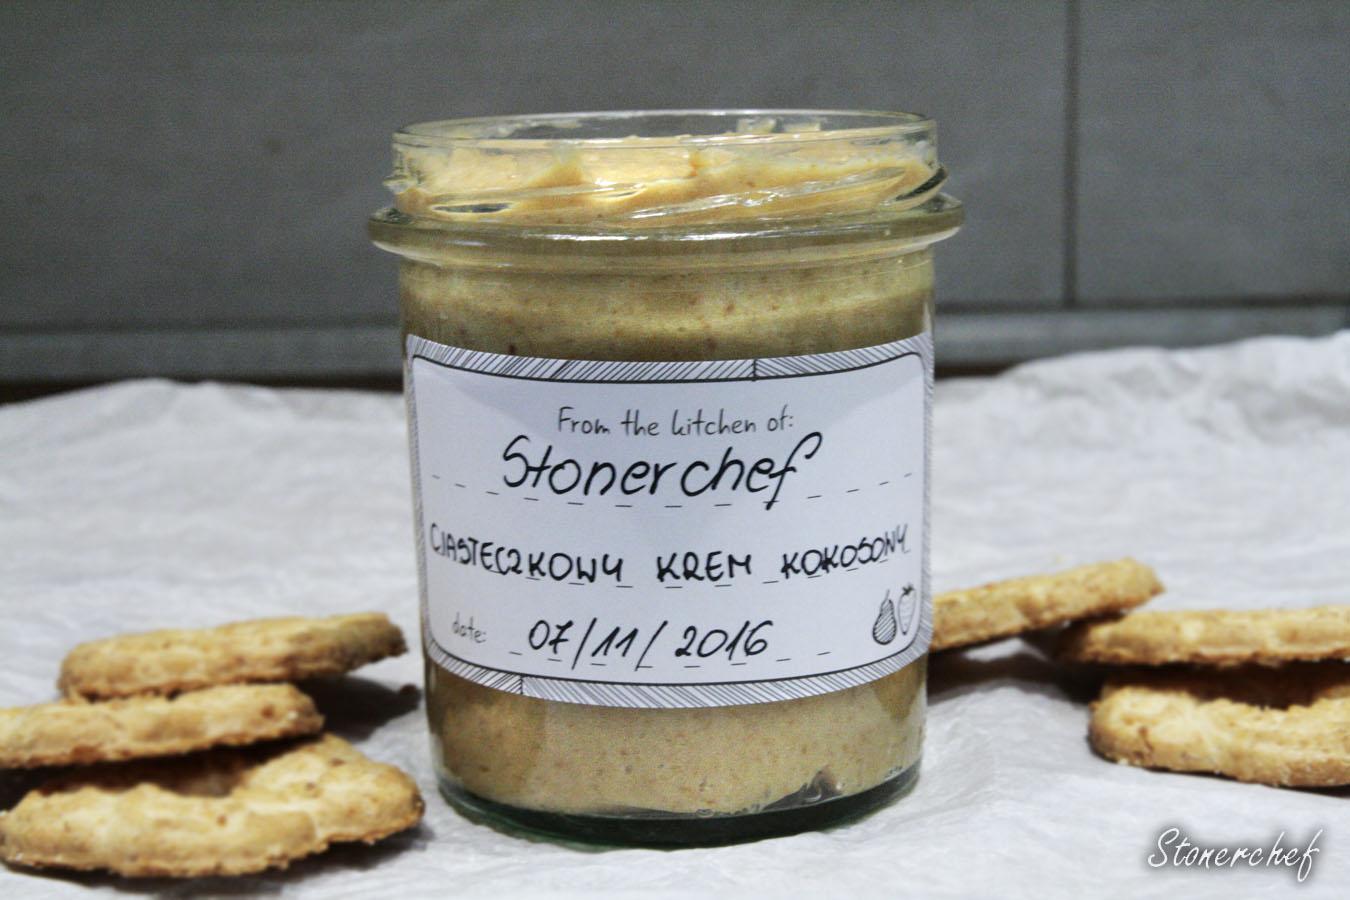 ciasteczkowy krem kokosowy